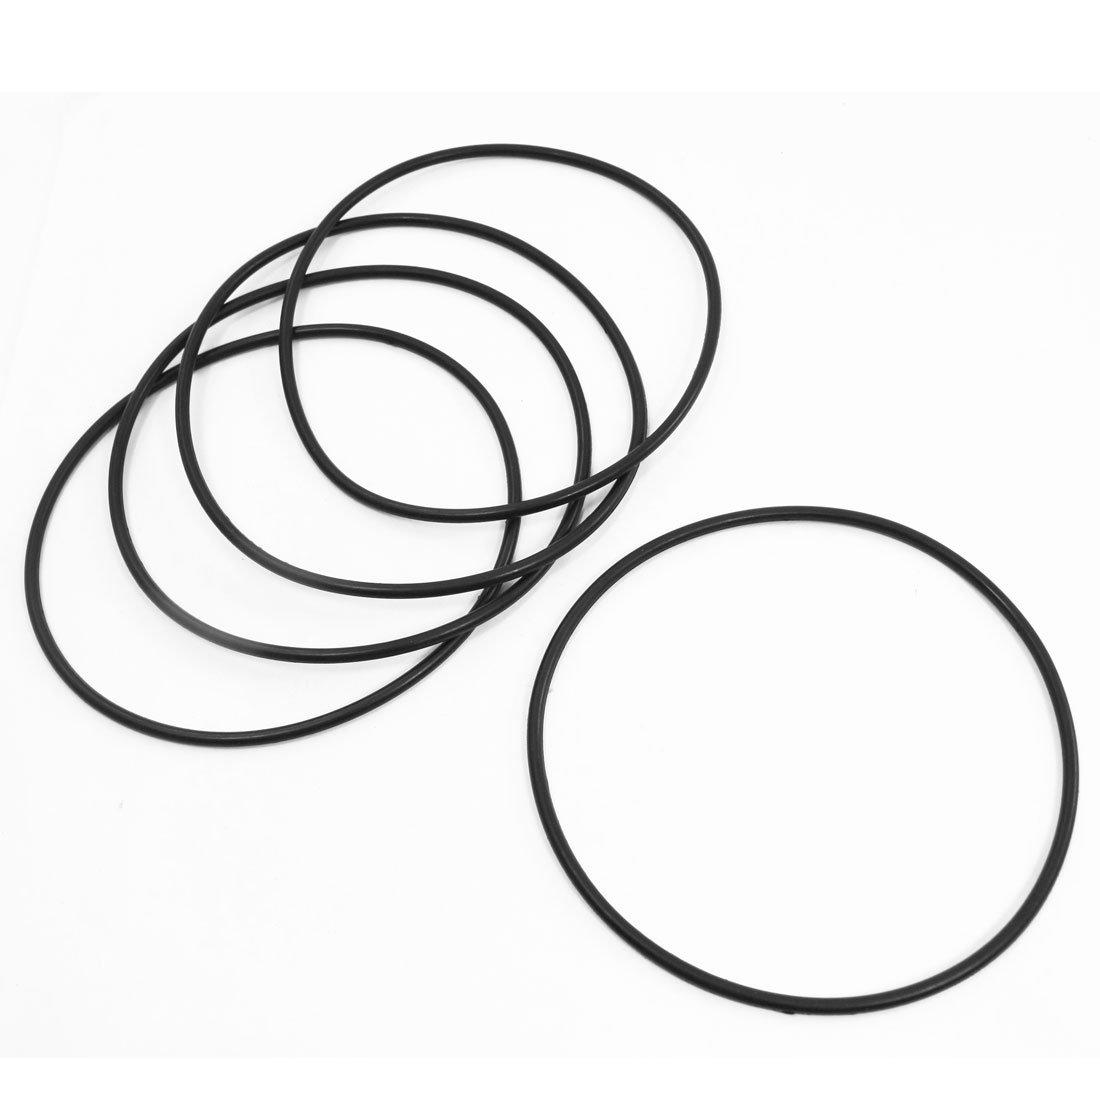 5 piezas de goma Flexible O junta tó rica del arandela junta para olla a presió n negro 120 mm x 3, 5 mm Sourcingmap a14022100ux0191